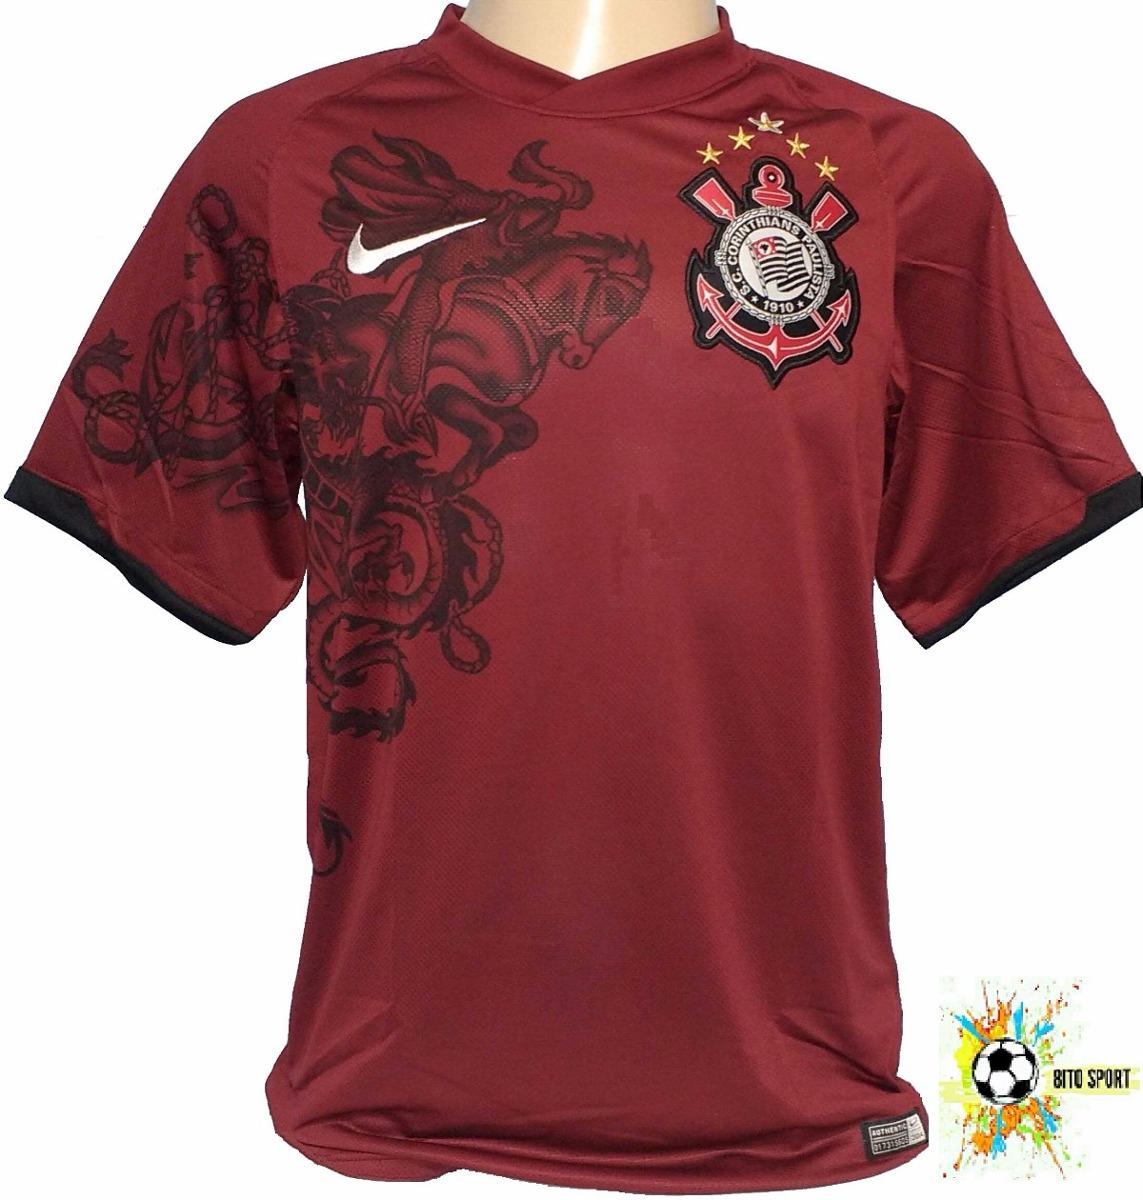 camiseta grená corinthians campeão 2011 nike promoção - 72. Carregando zoom. f56a2a115f1bd